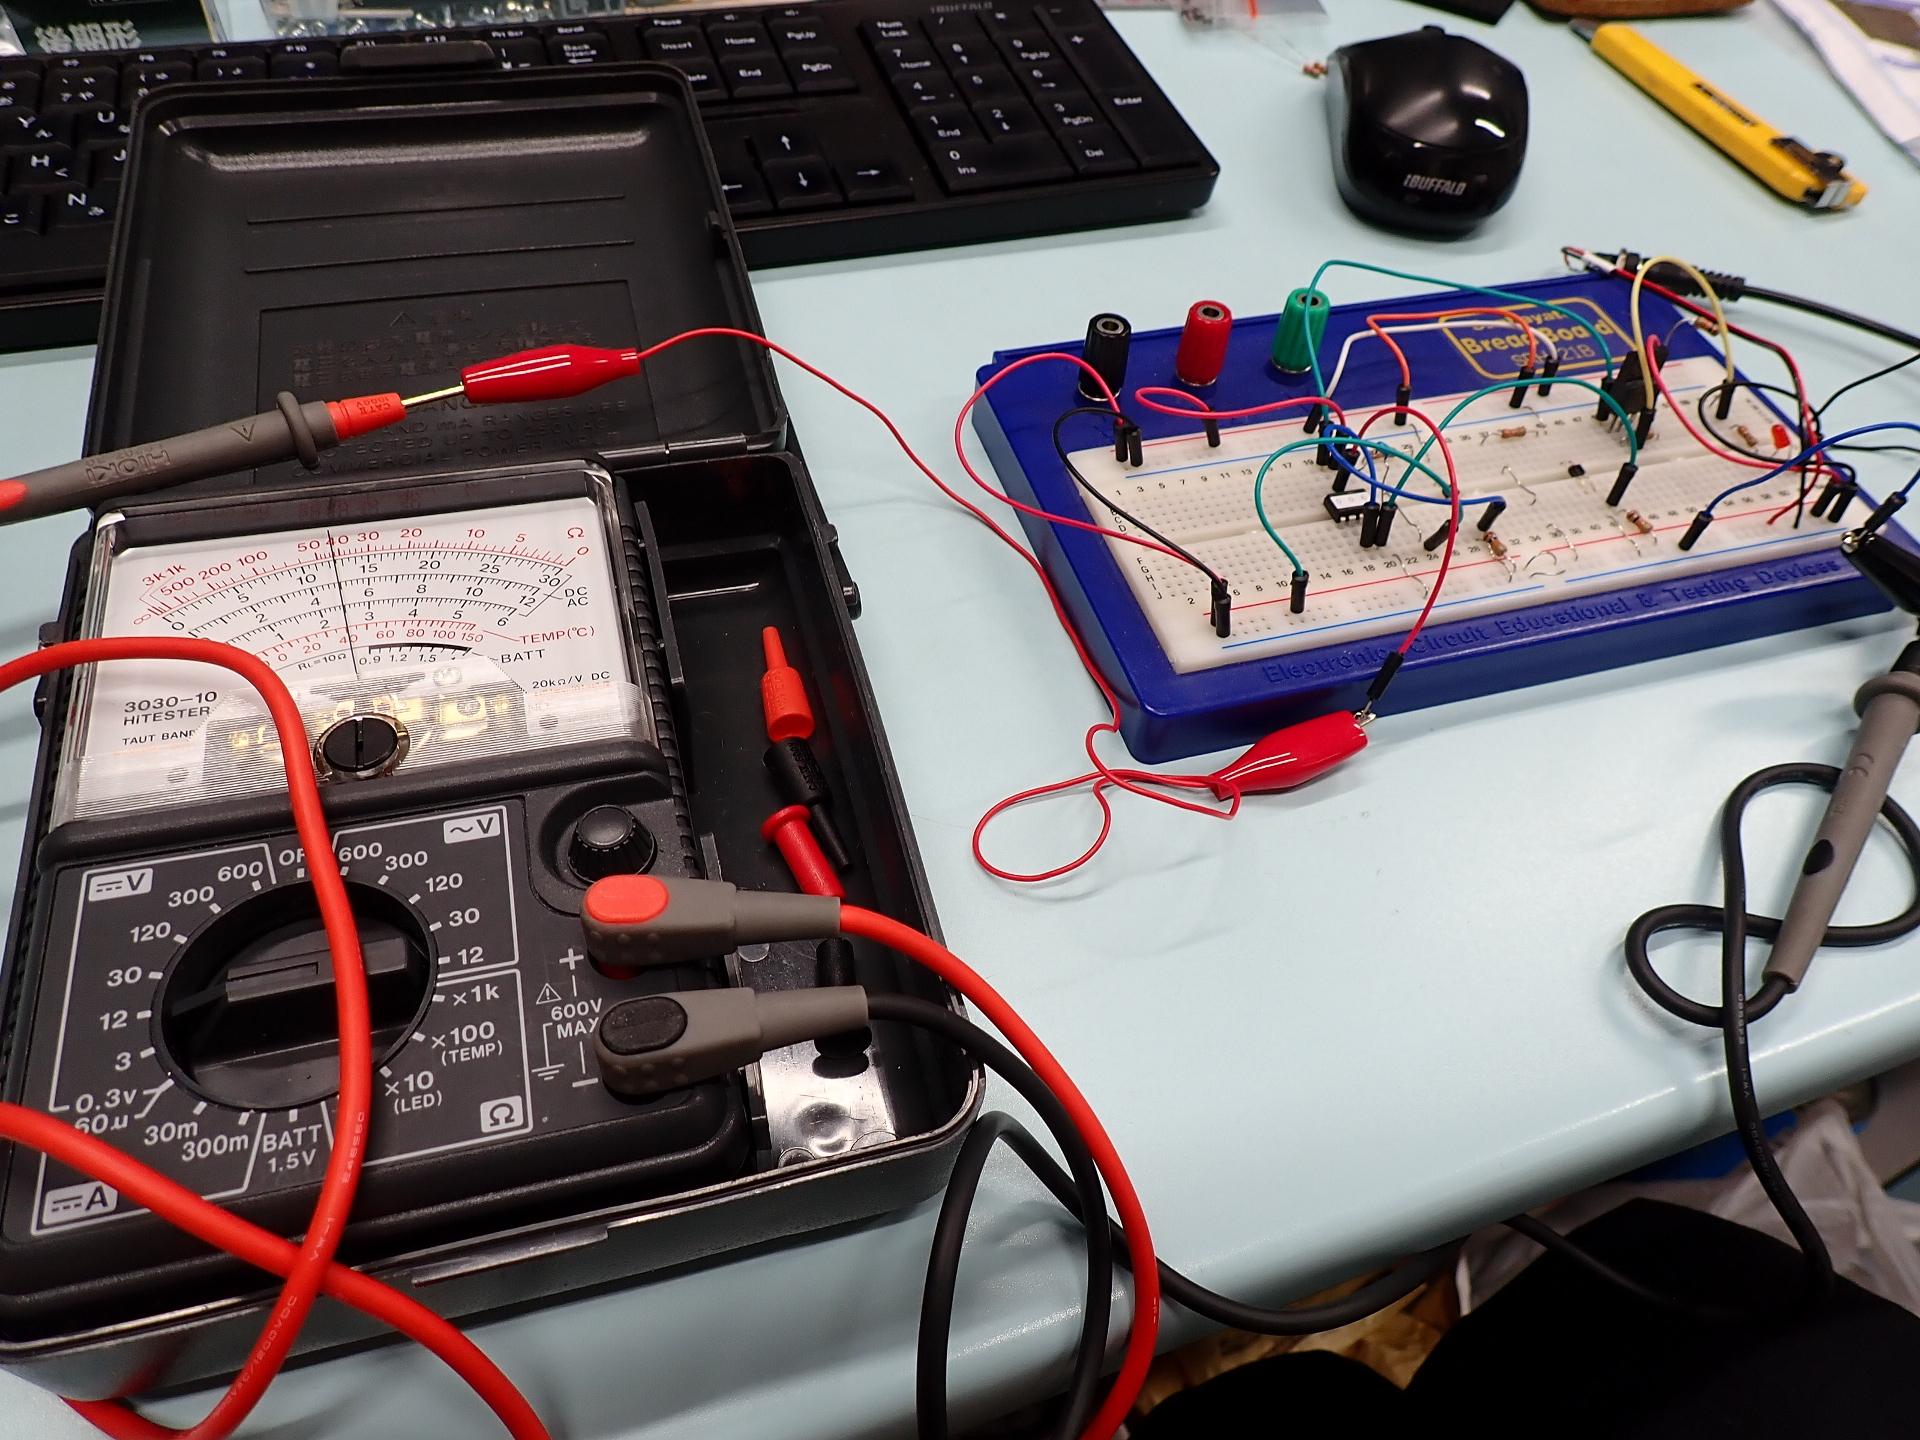 転車台センサー装置のバラック組み立て検証を終えました。